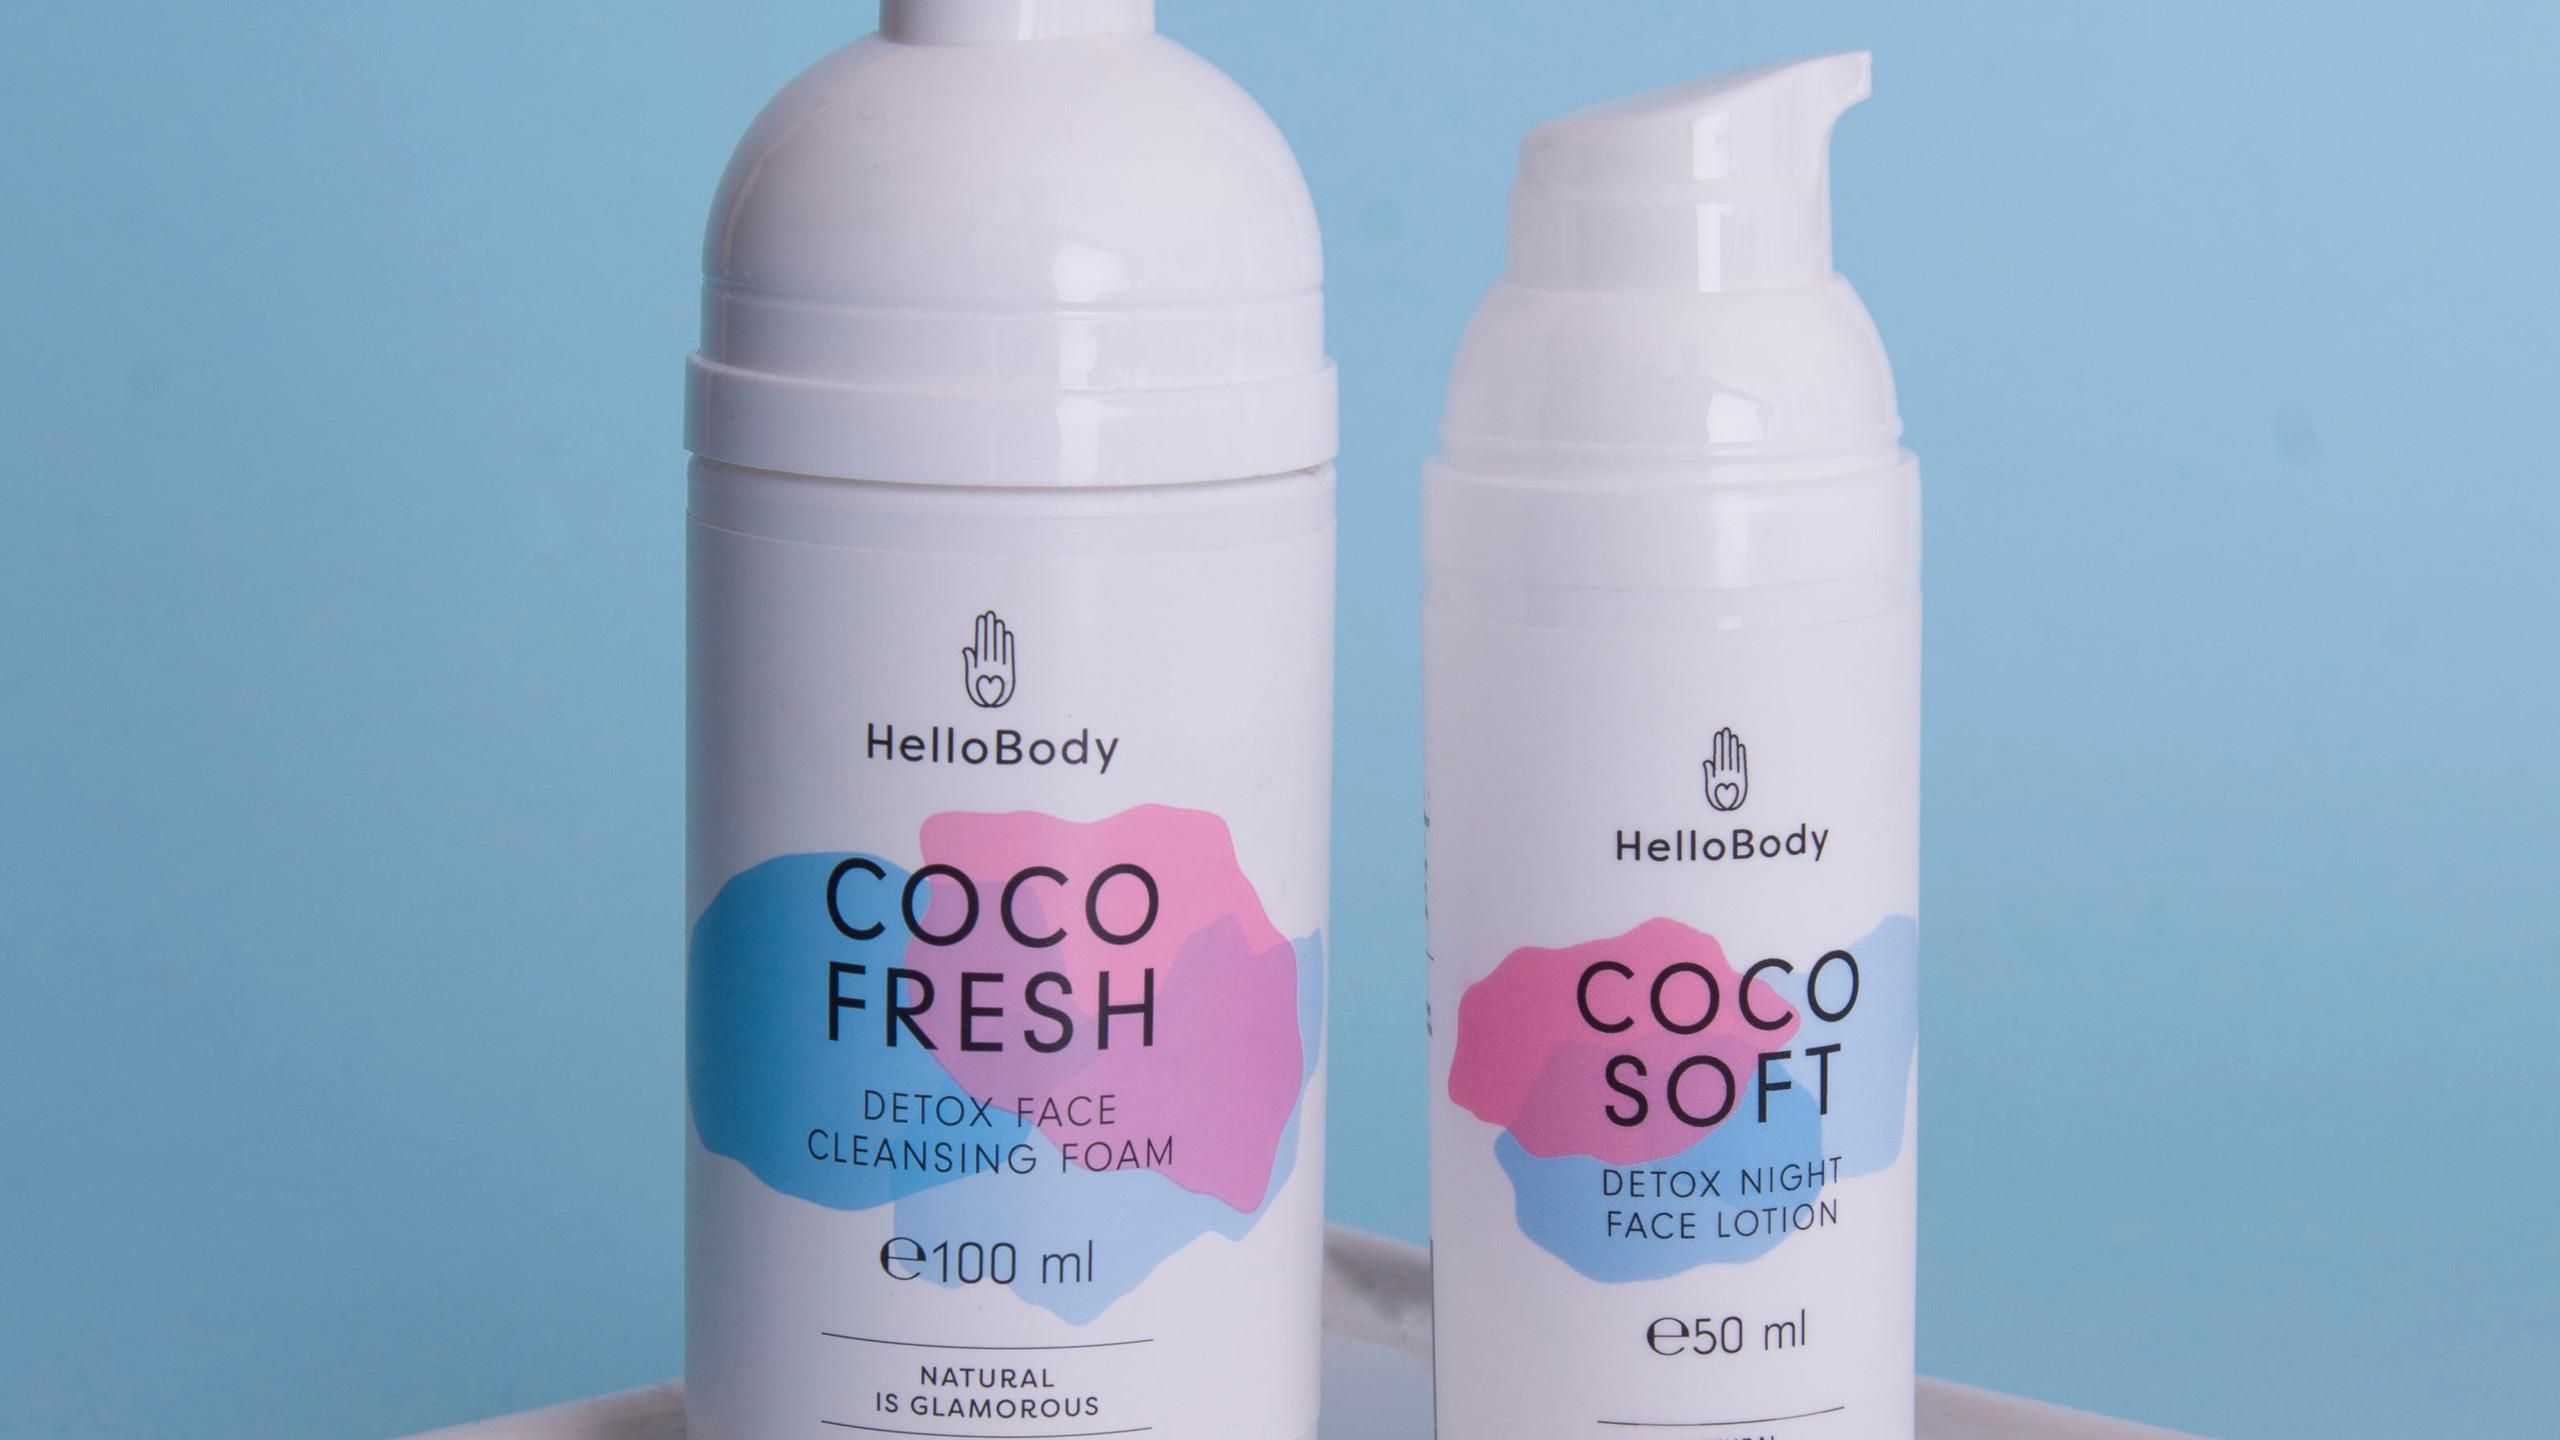 Coco Fresh mousse detergente;  CoCo soft crema idratante notte